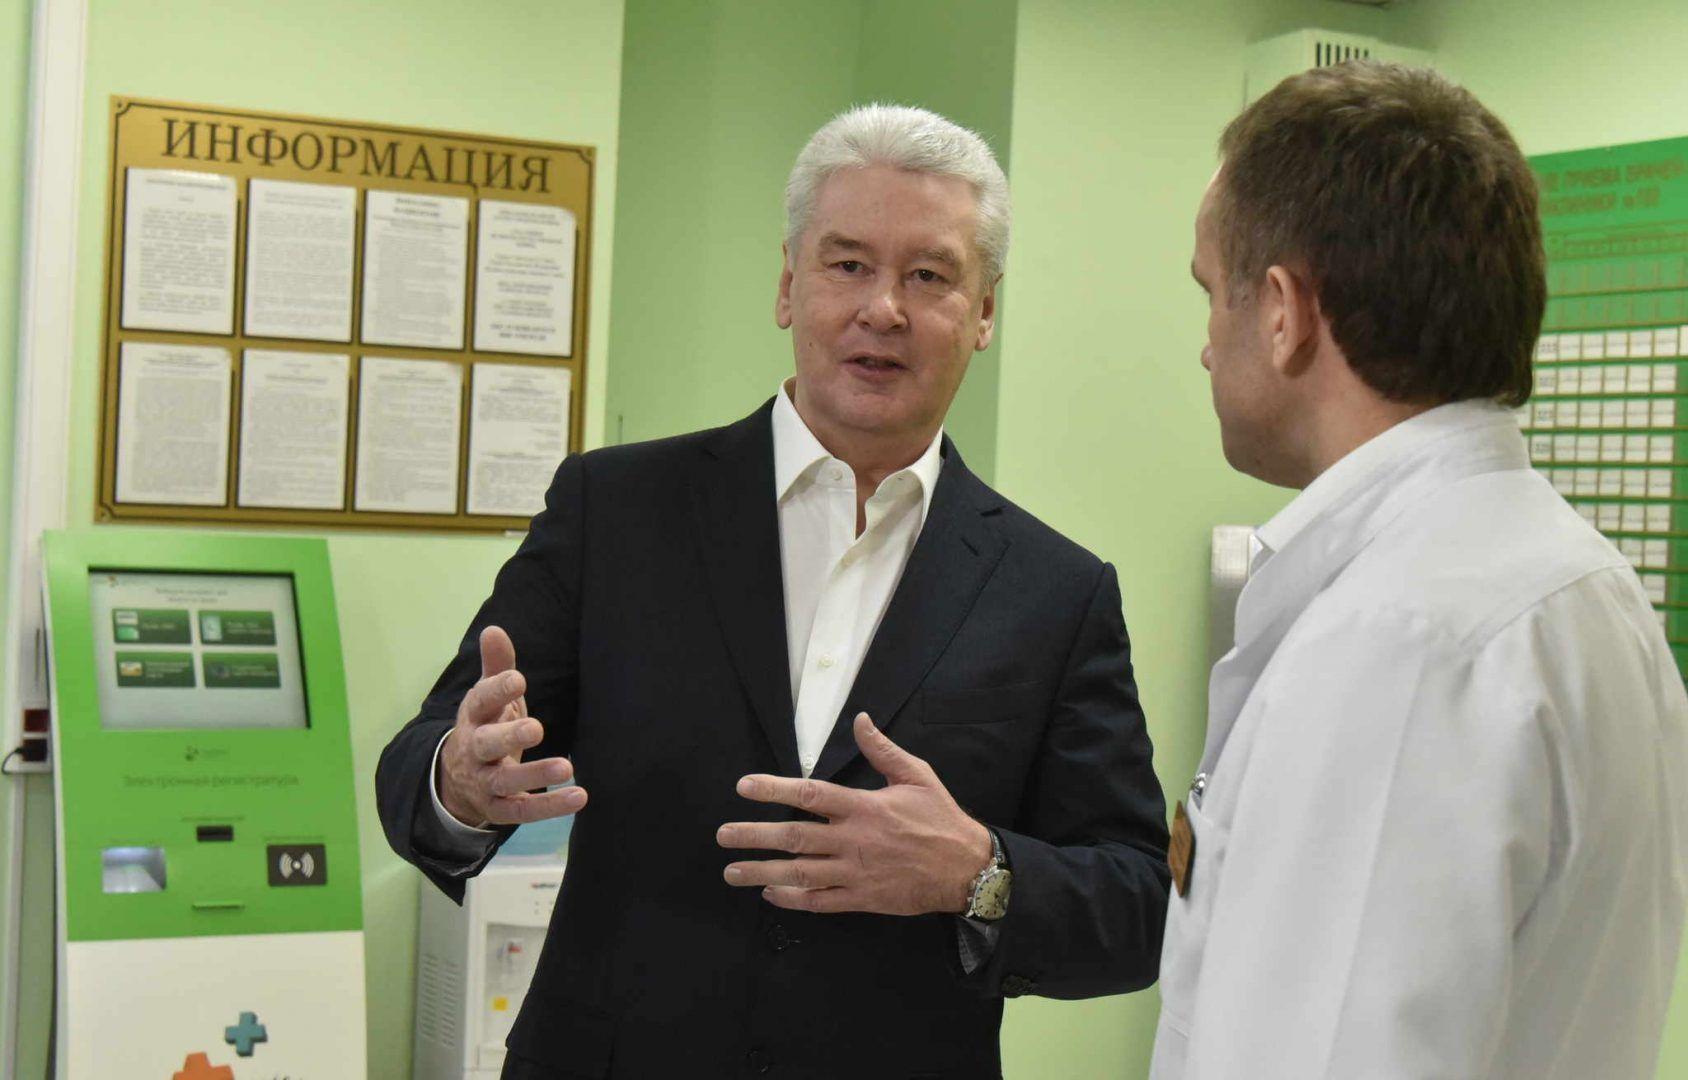 Собянин продлил срок обеспечения сердечников бесплатными лекарствами. Фото: мэр Москвы Сергей Собянин